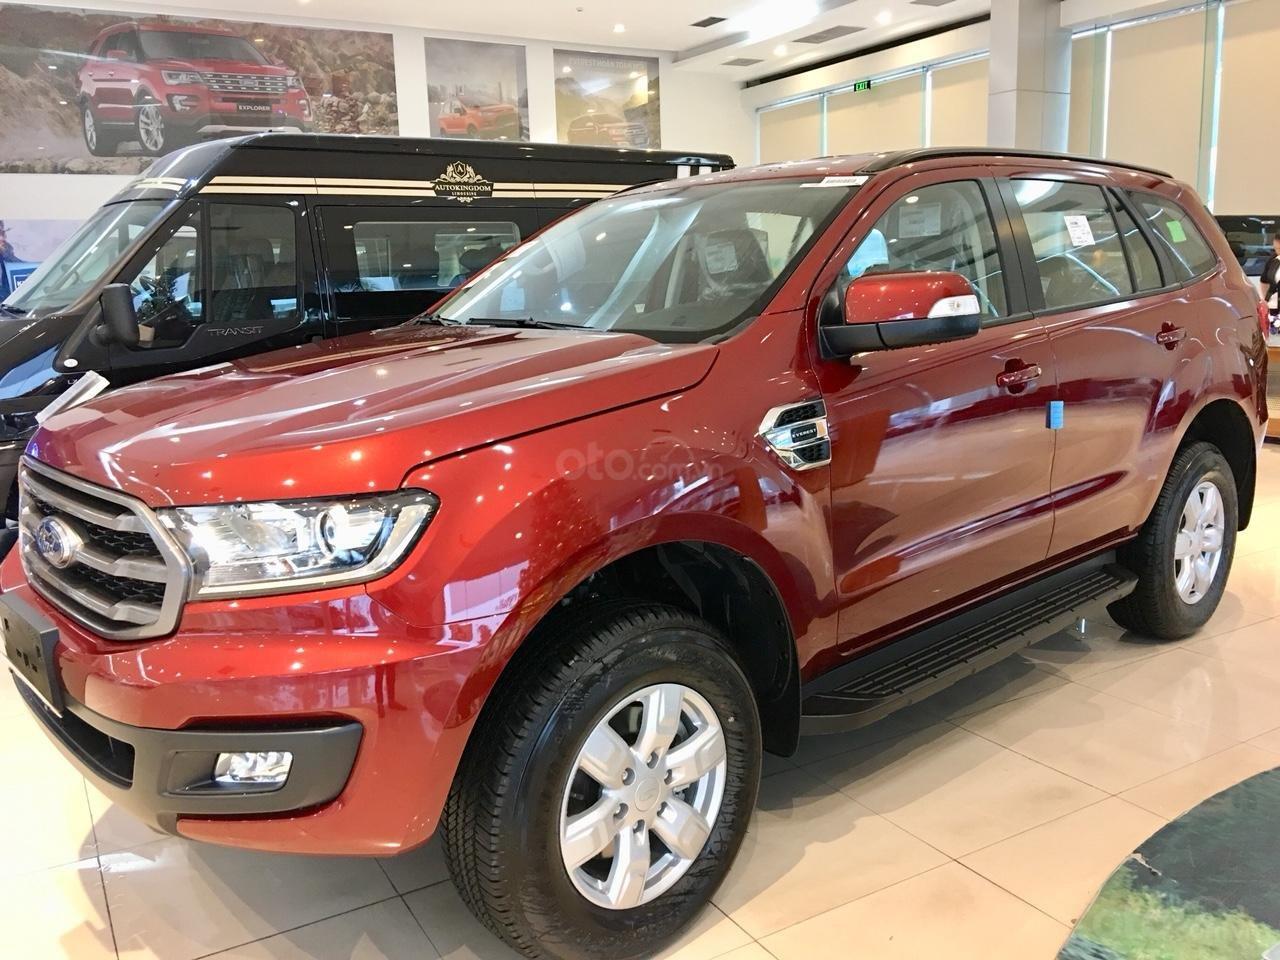 Bán xe Ford Everest  Ambiente MT năm sản xuất 2019, màu đỏ, xe nhập, giá 960tr (1)